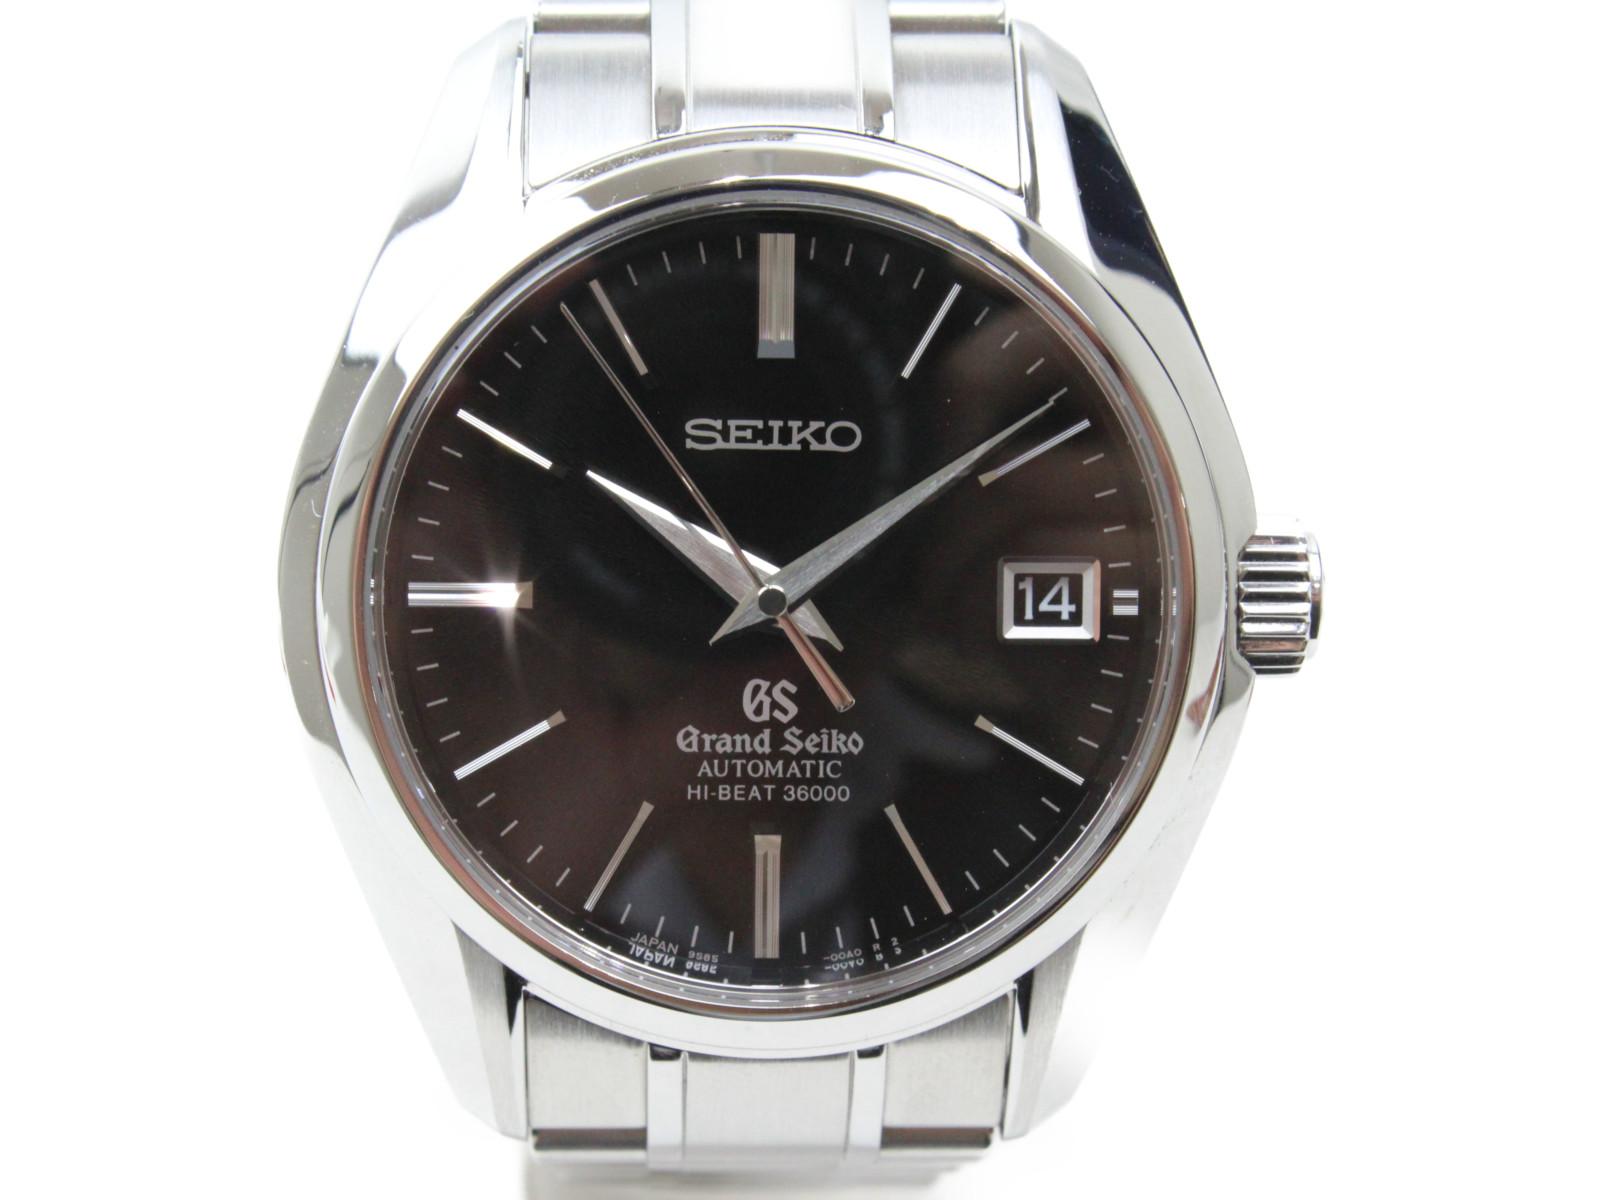 【マスターショップ限定】Grand Seiko グランドセイコー ハイビート SBGH005 自動巻き デイト SS ステンレススチール ブラック メンズ 腕時計【中古】